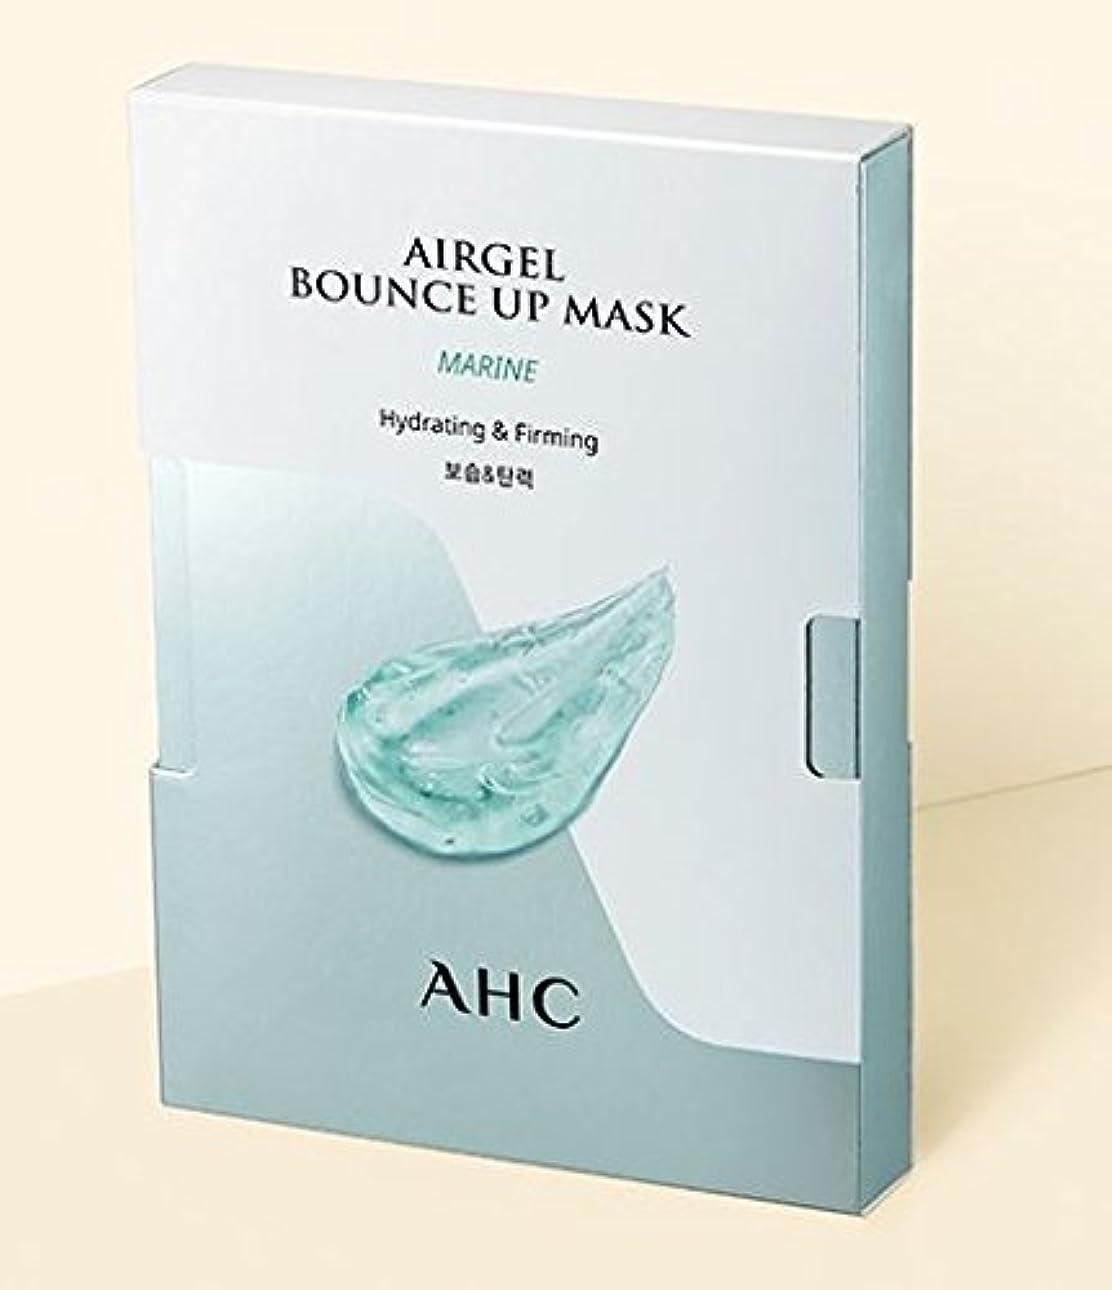 なんとなく強大な愛情[A.H.C] Airgel Bounce Up Mask MARINE (Hydrating&Firming)30g*5sheet/マリンエアゲルマスク30g*5枚 [並行輸入品]